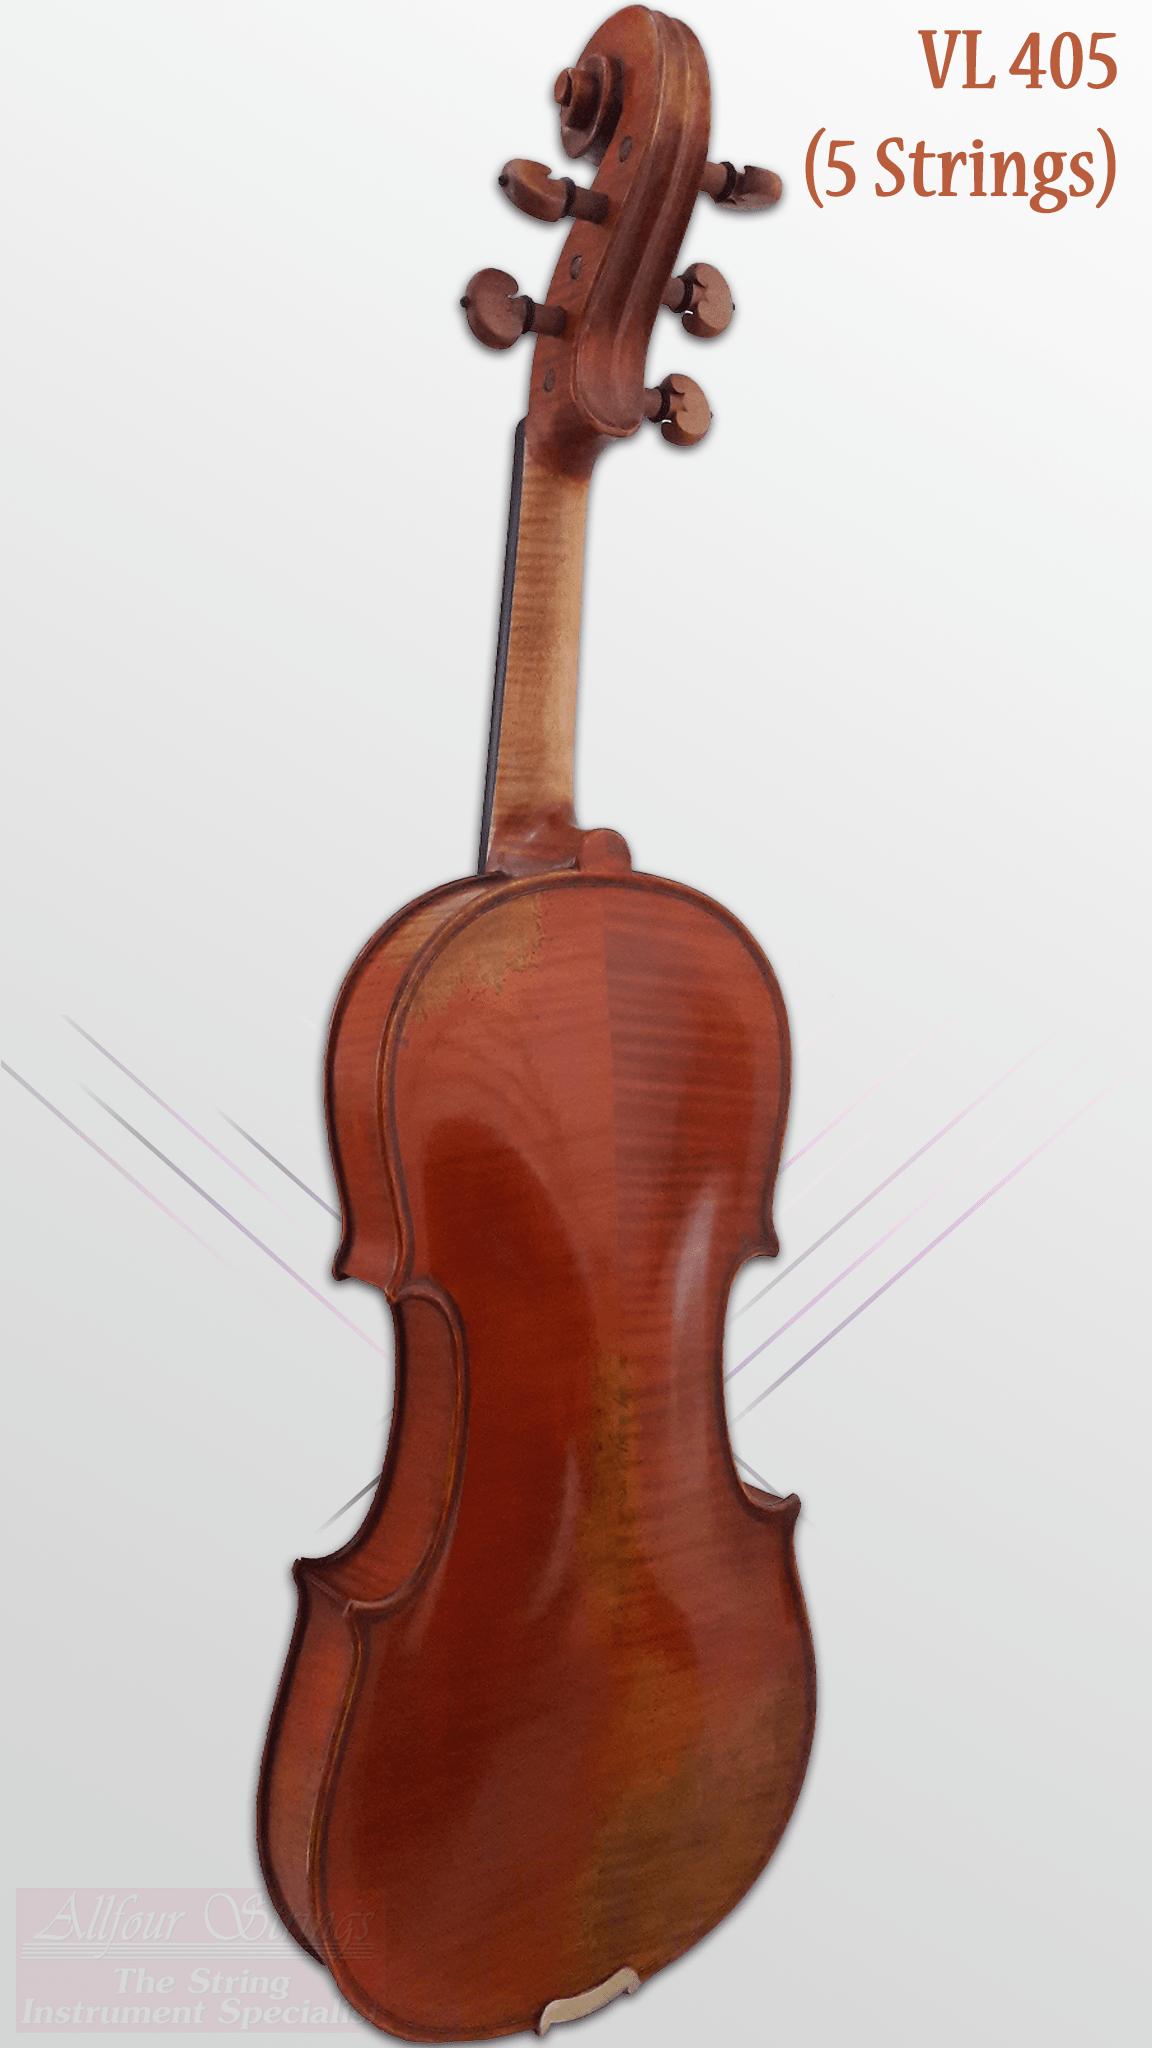 VL-405-5strings-Back-Left-min